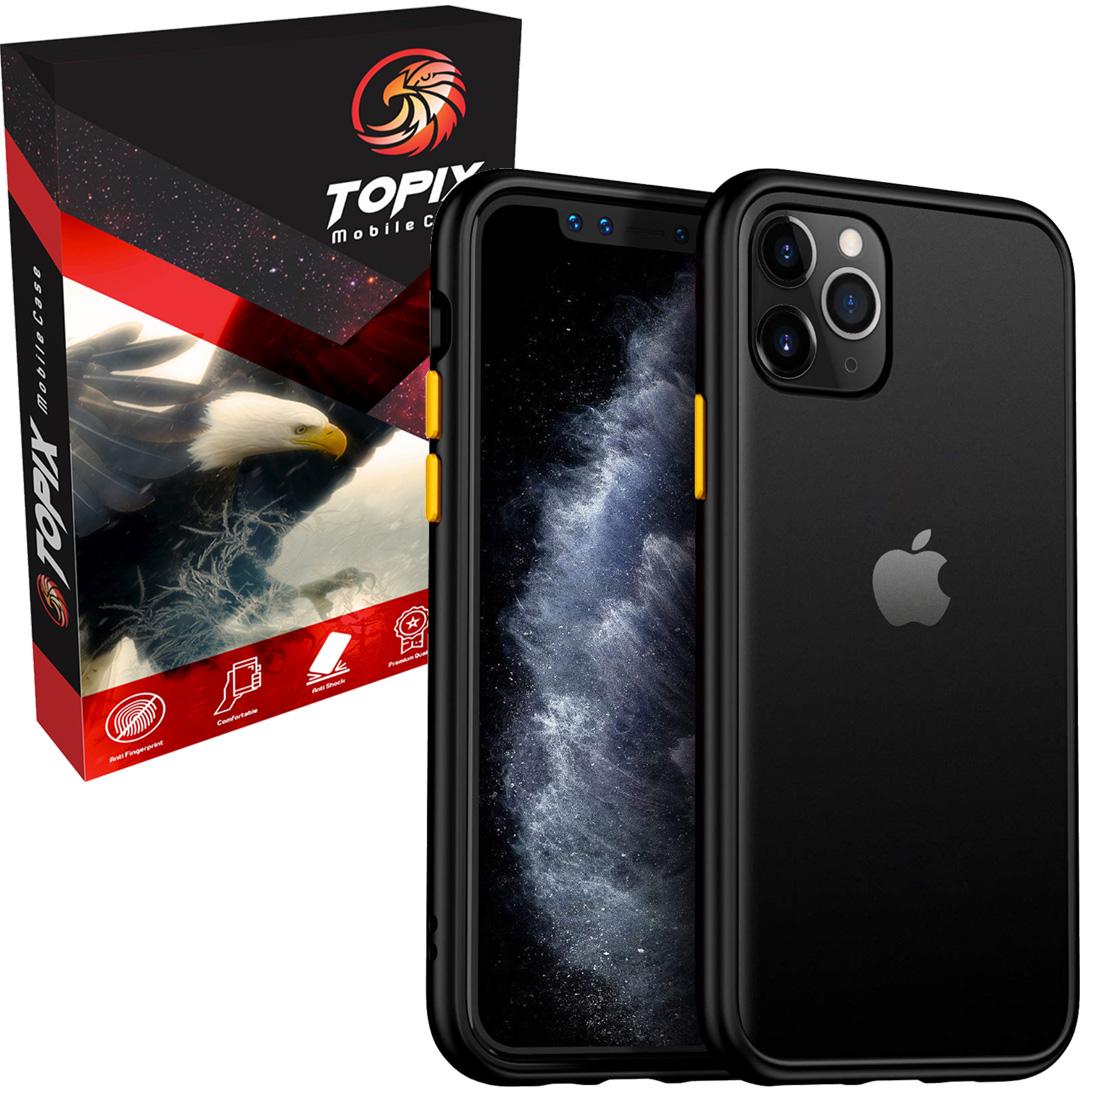 کاور تاپیکس مدل TMC-100 مناسب برای گوشی موبایل اپل iPhone 11 Pro Max